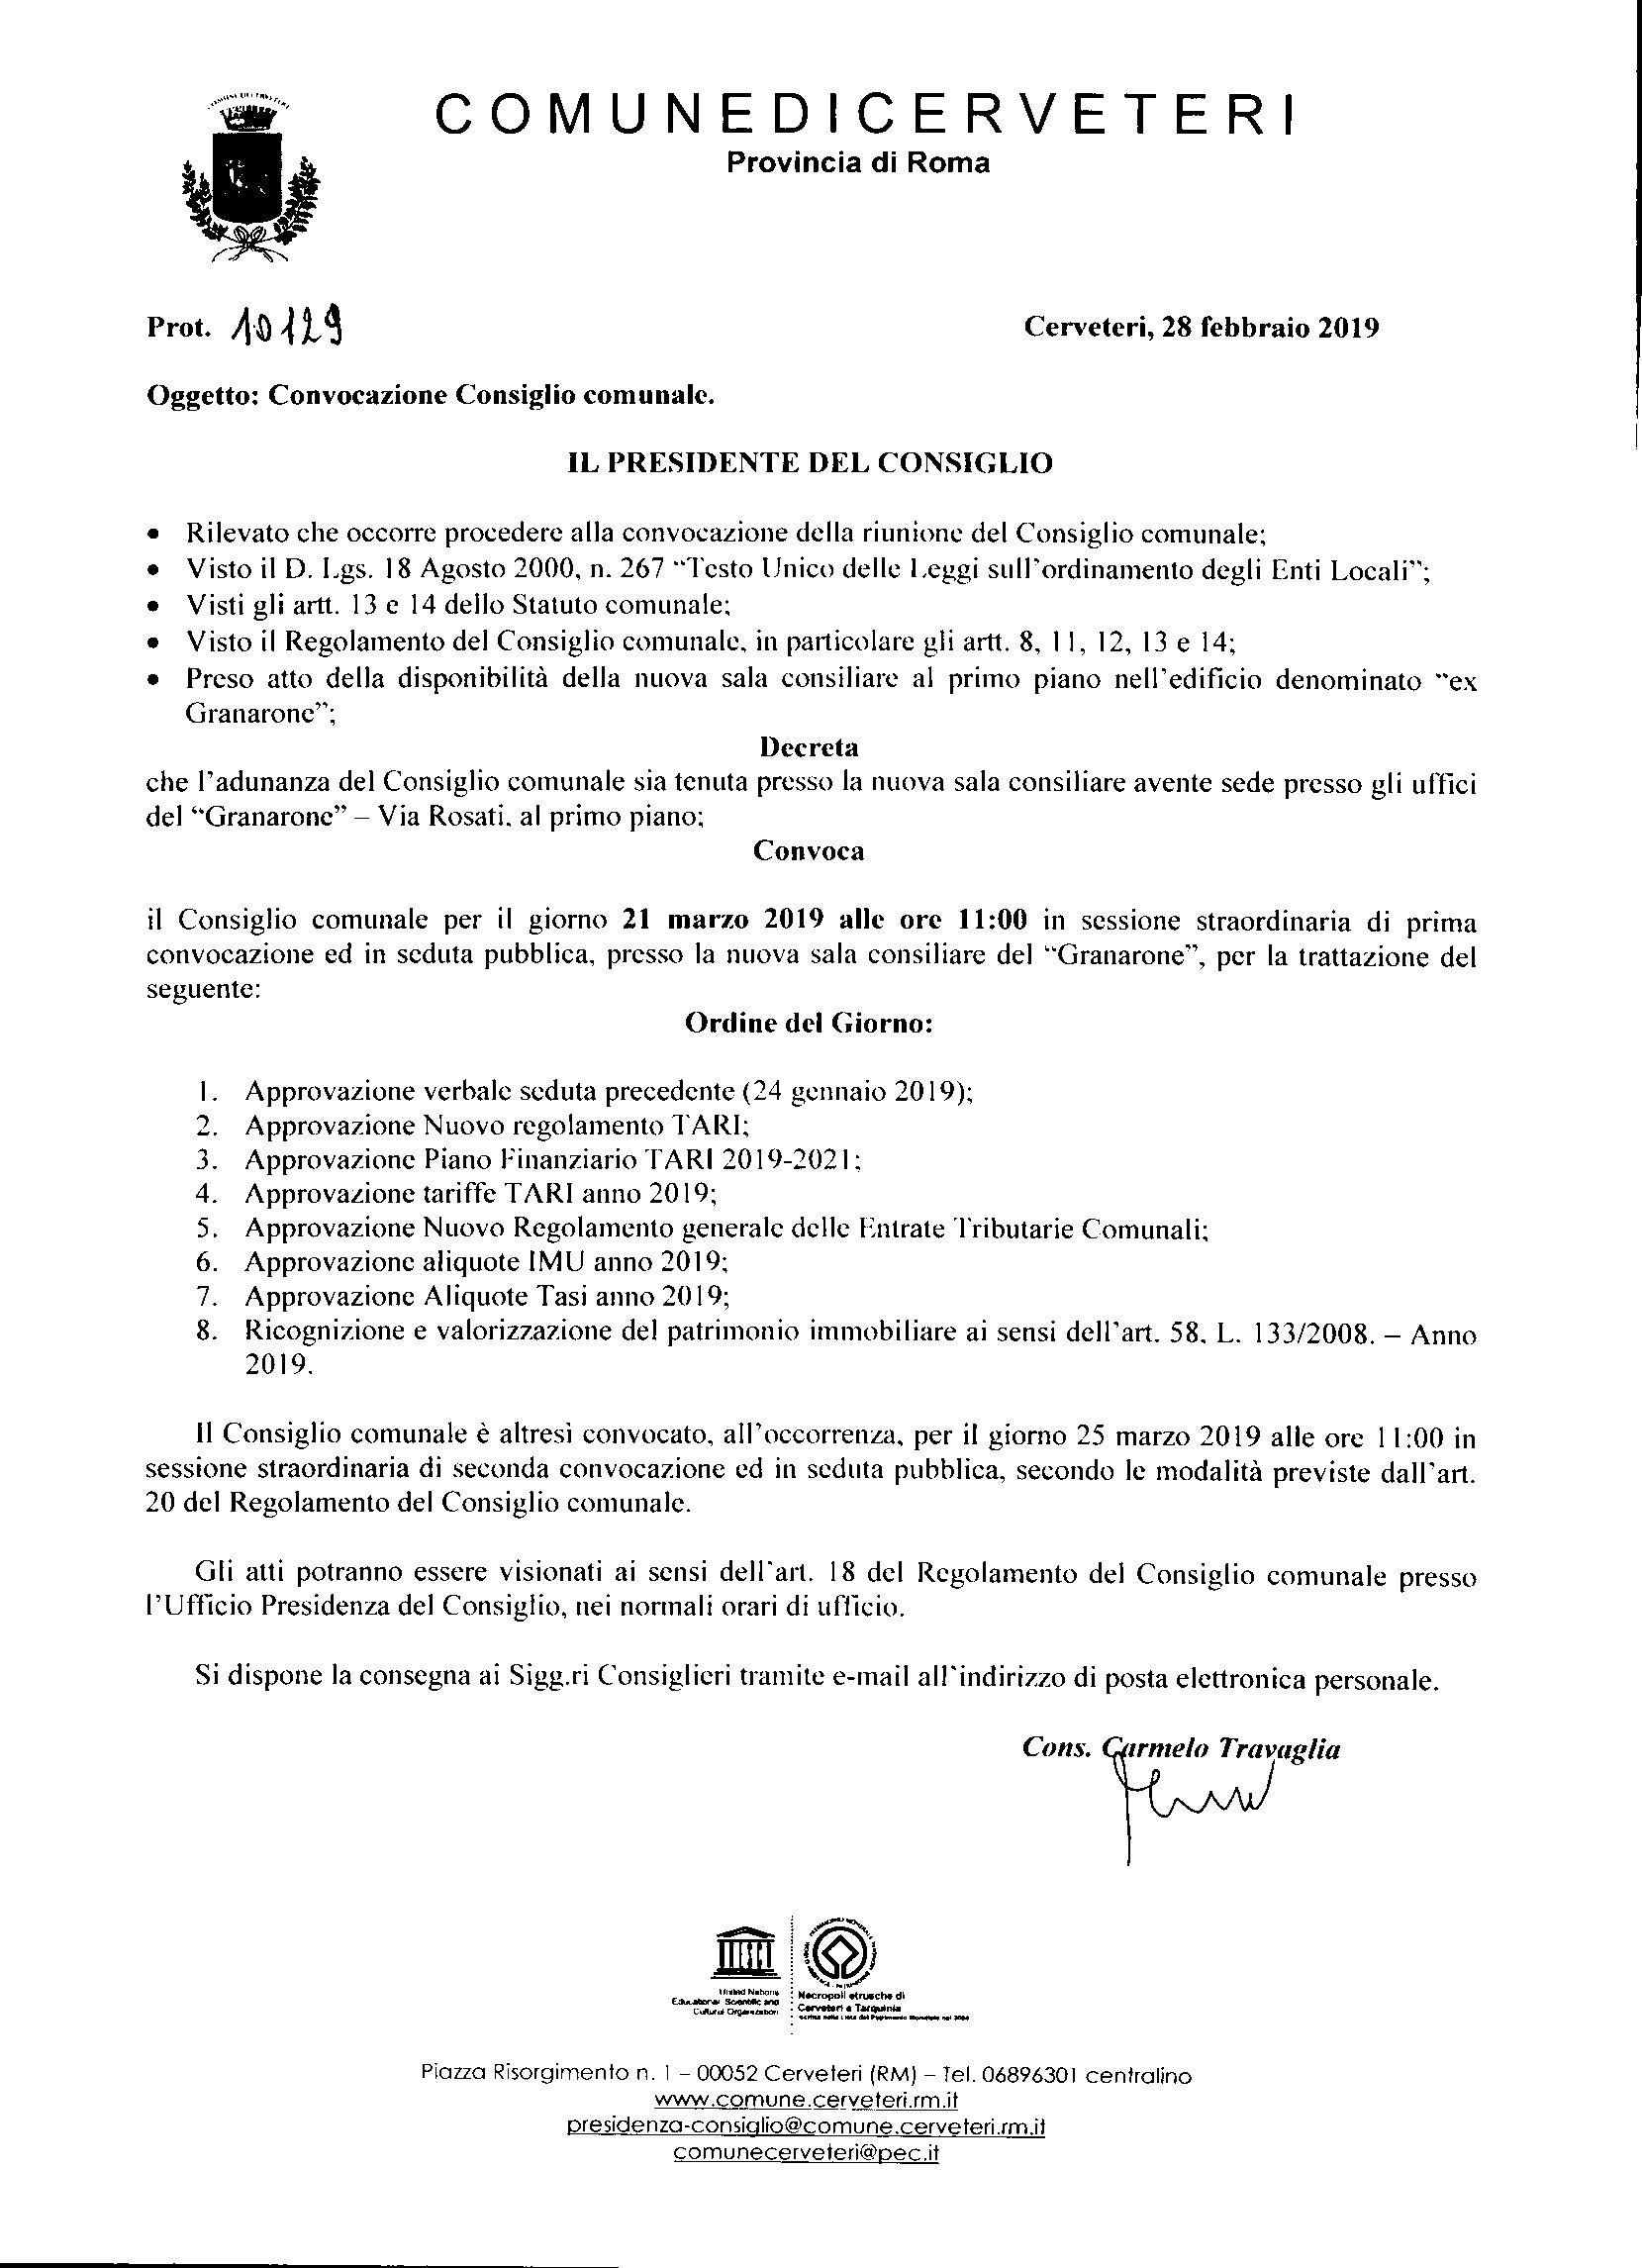 Convocazione Consiglio Comunale del 21/03/2019